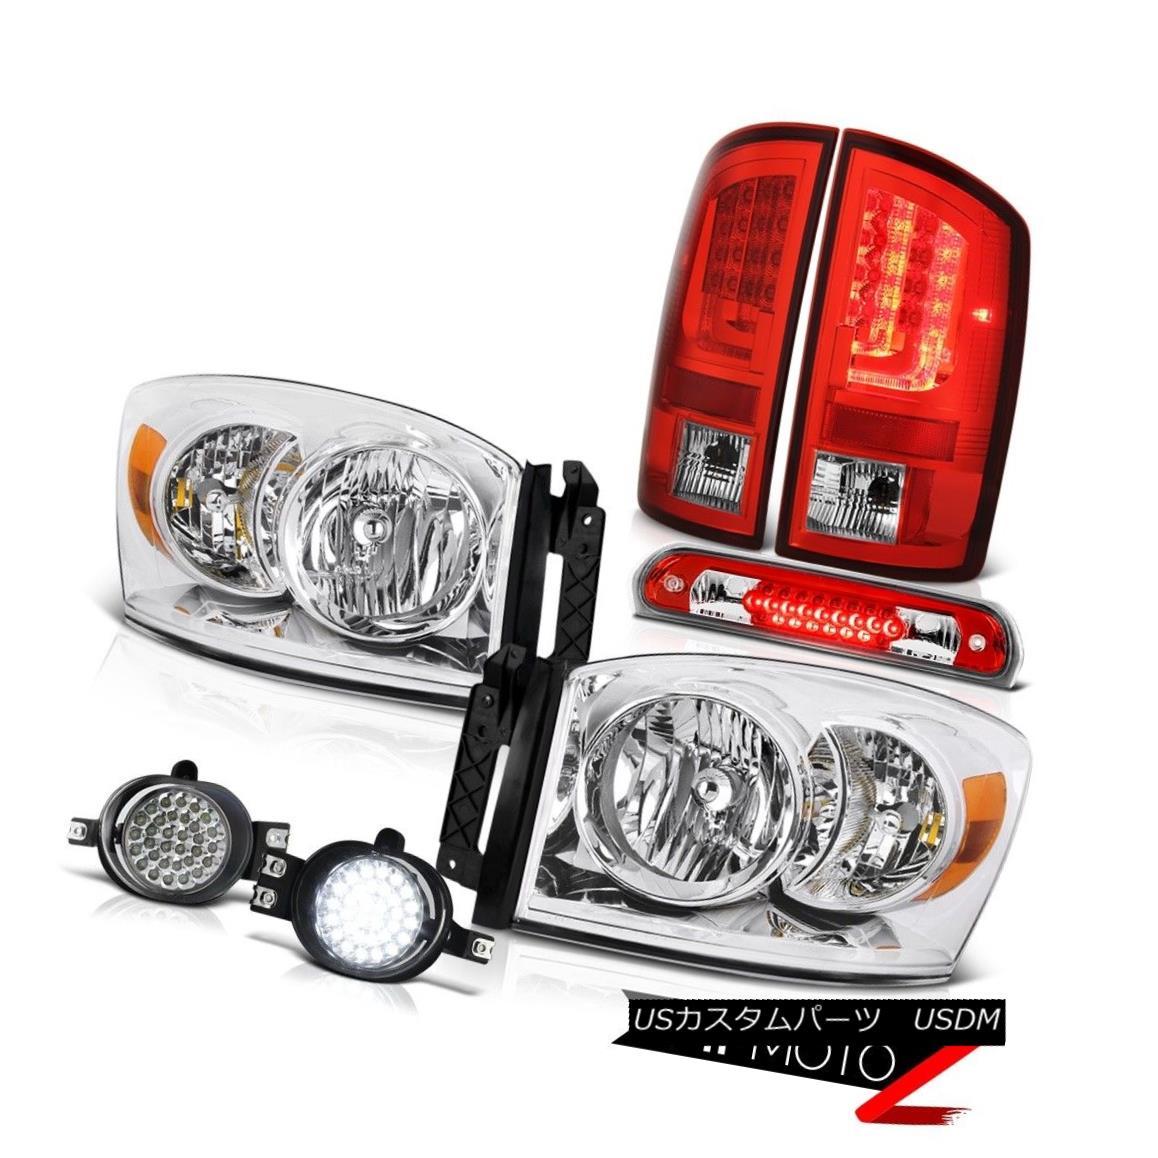 テールライト 07-08 Dodge Ram 1500 ST Tail Brake Lamps Headlights Fog Third Lamp Oe STyle LED 07-08 Dodge Ram 1500 STテールブレーキランプヘッドライトフォグ第3ランプOe STyle LED